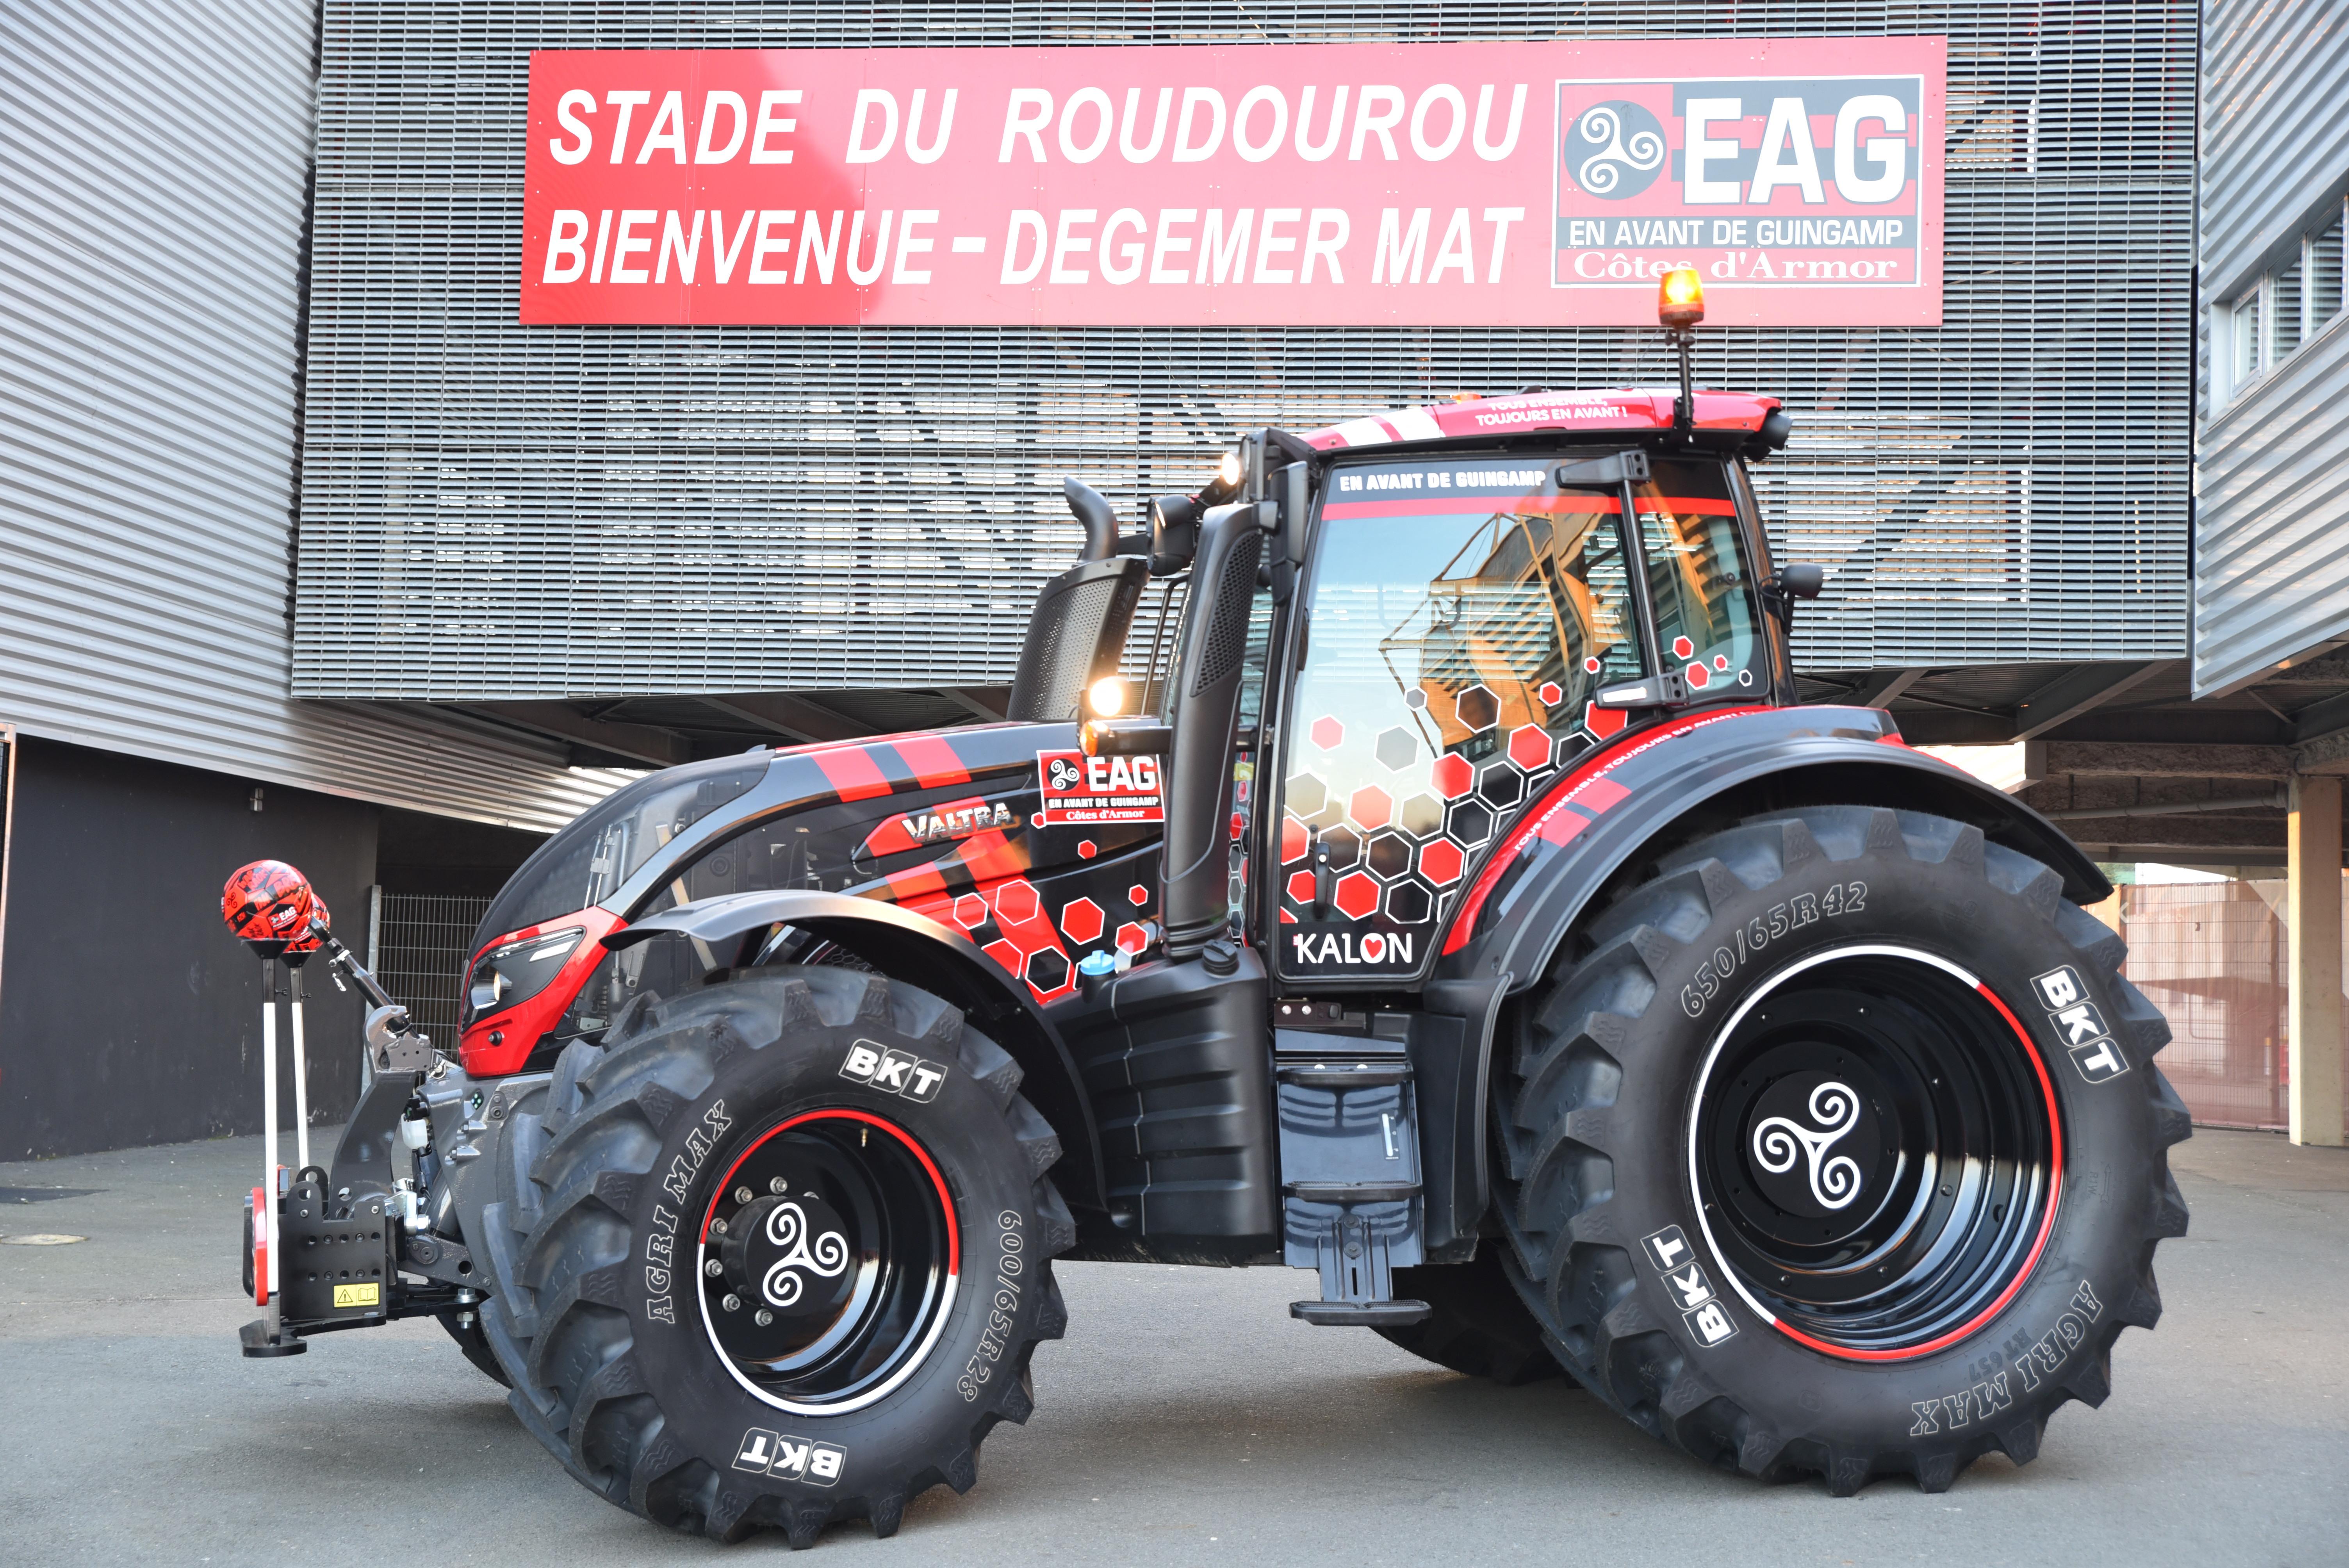 Le groupe alexandre remet l 39 en avant son tracteur officiel en avant de guingamp - Image tracteur ...